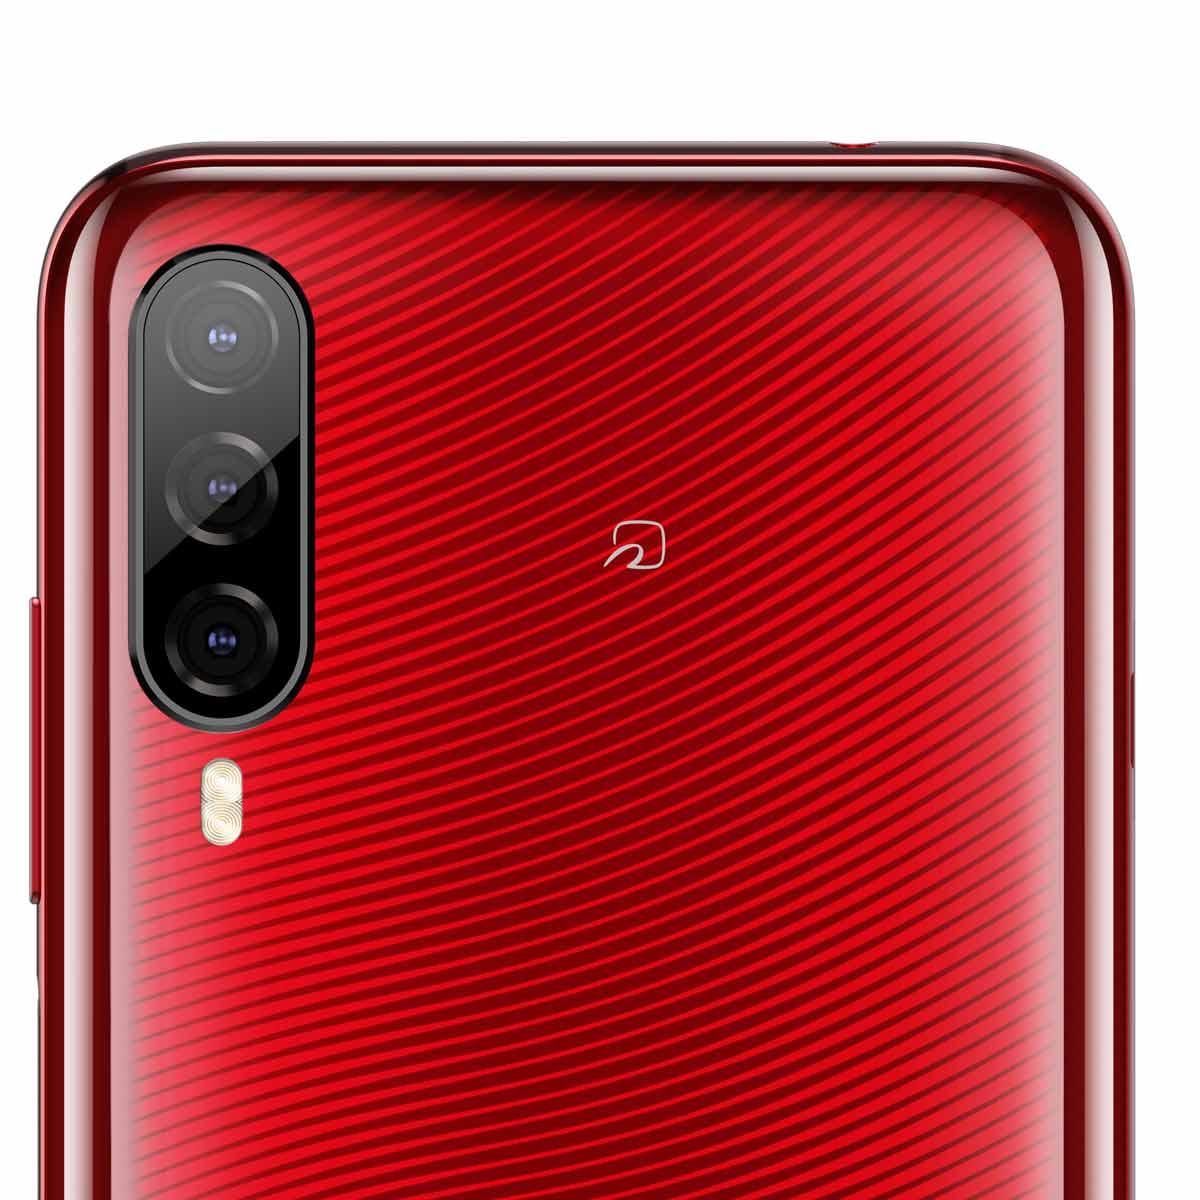 《2019年初冬版》FeliCaが使える最新SIMフリースマートフォンカタログ